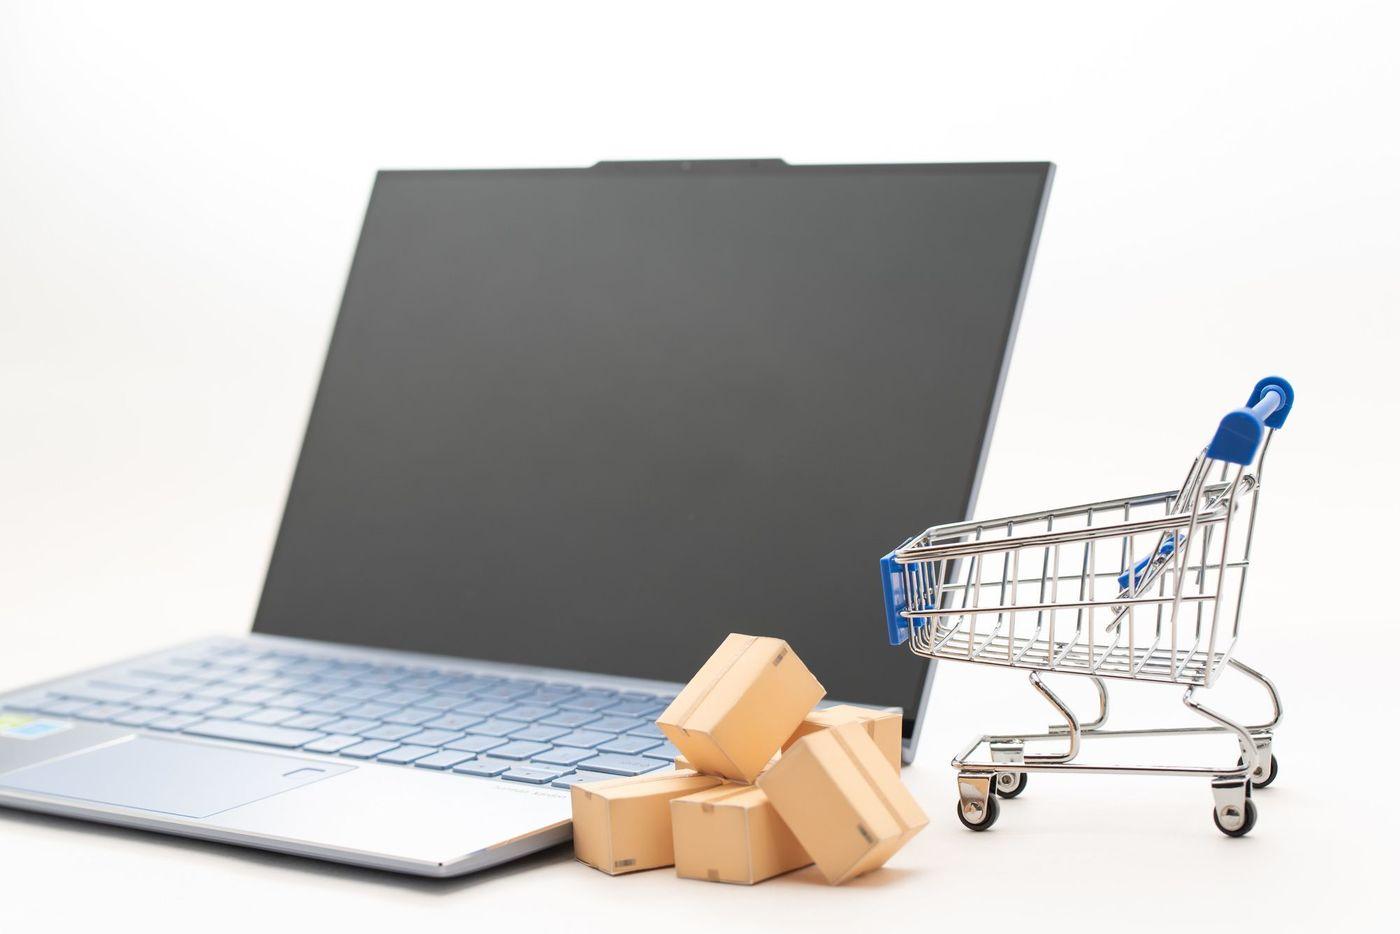 【2021年最新版】コストコで買いたいおすすめ商品20選!お得な会員情報もの画像